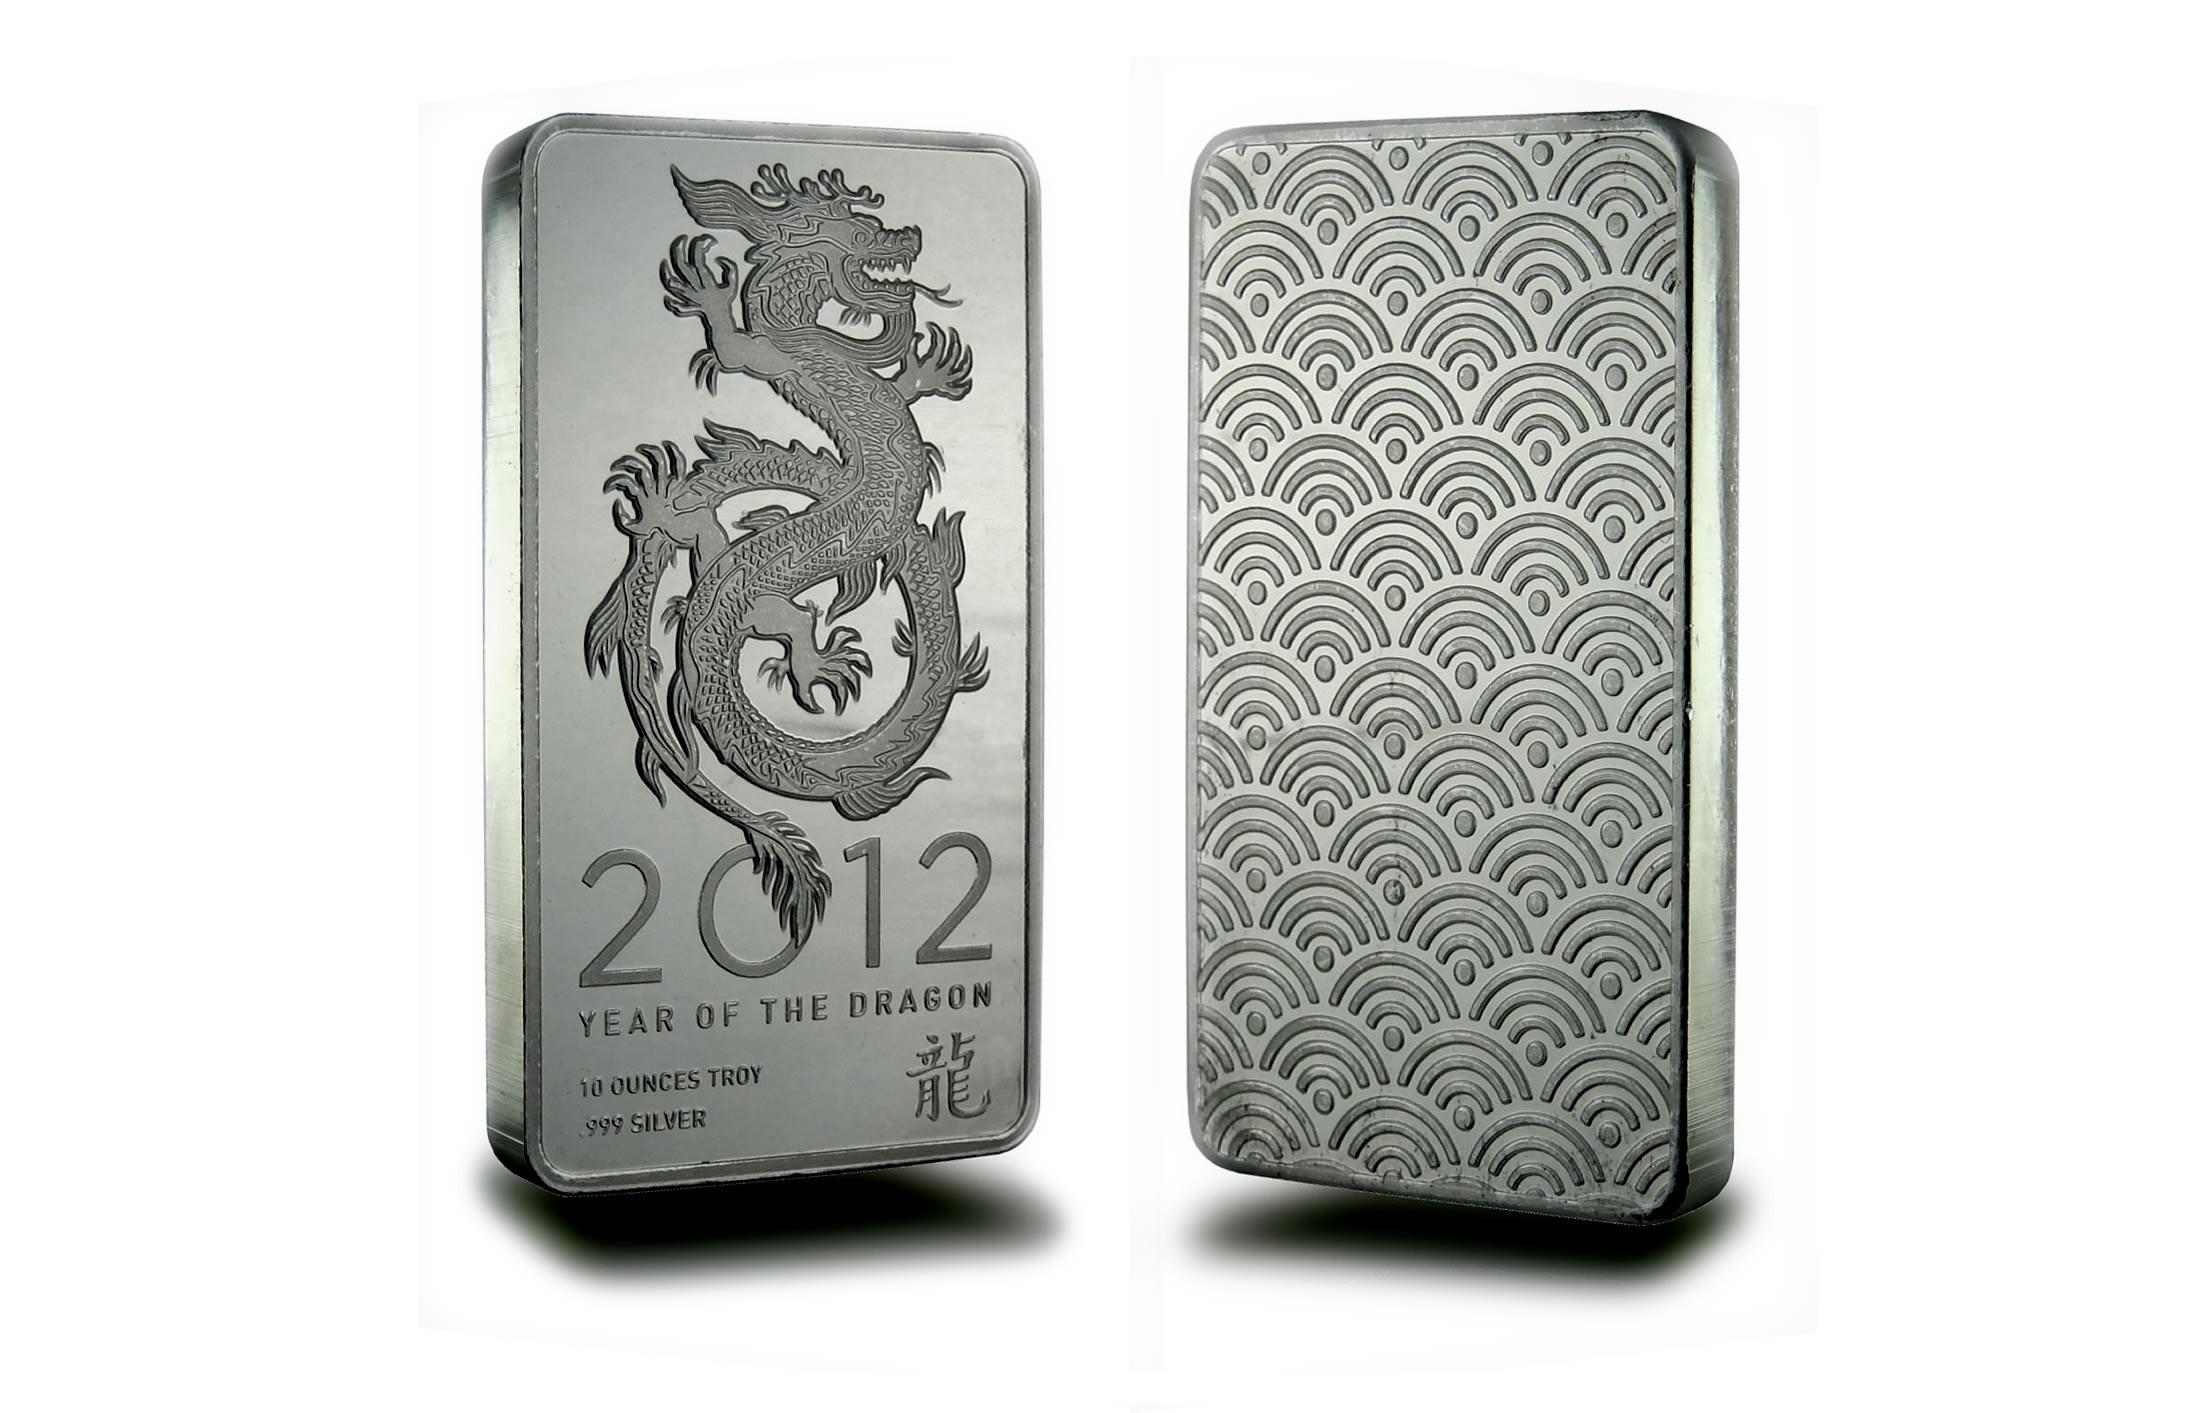 2017 Year Of The Dragon 10 Oz Silver Bar 999 Fine